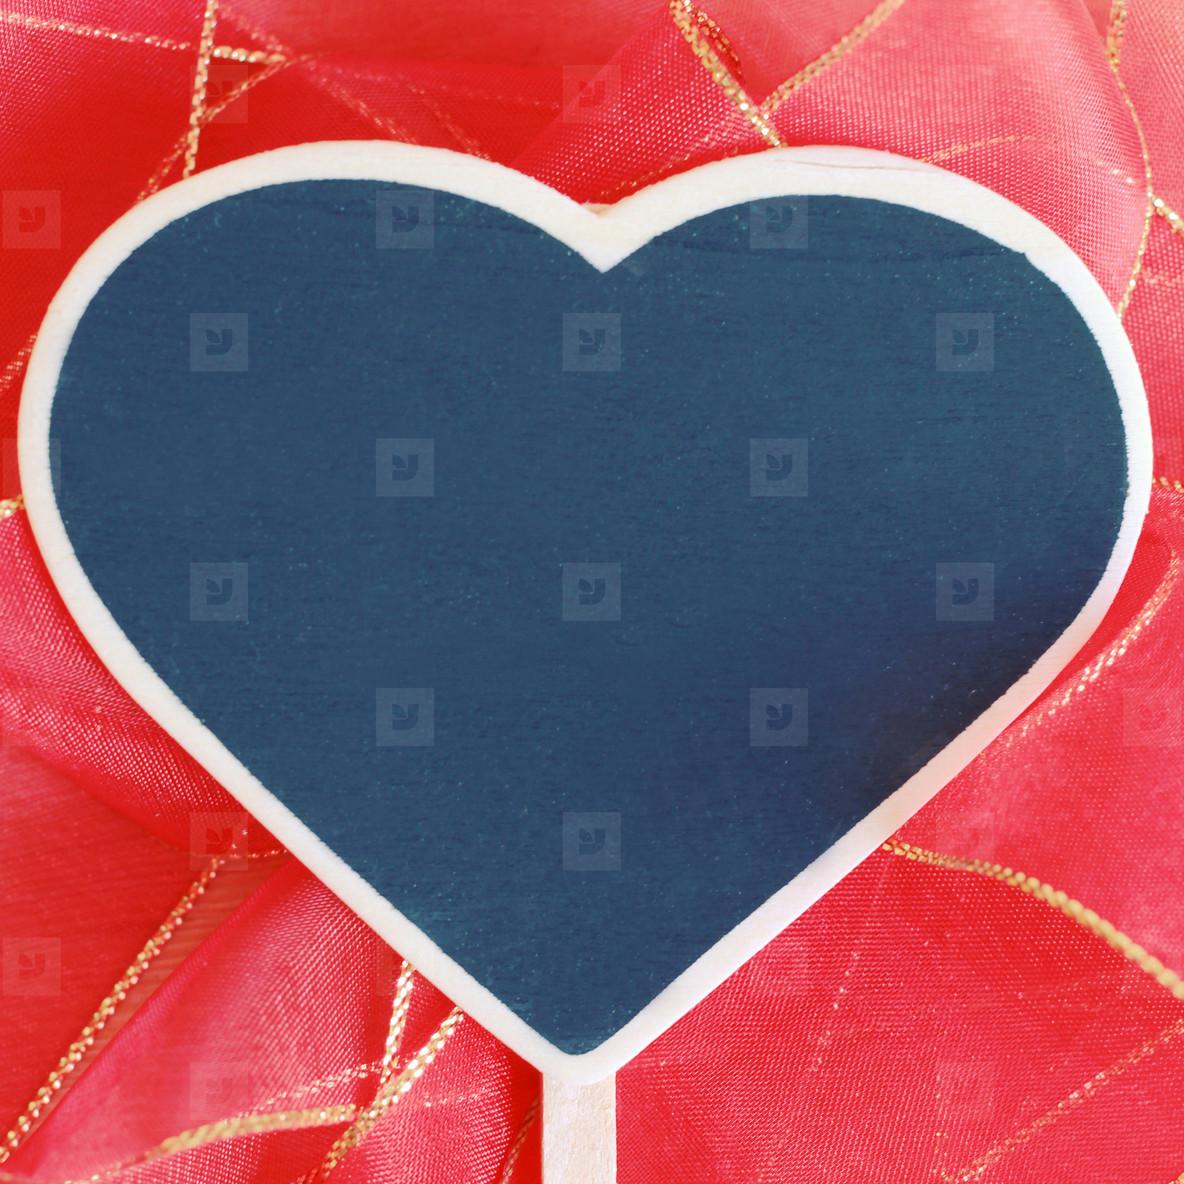 Heart shaped blackboard